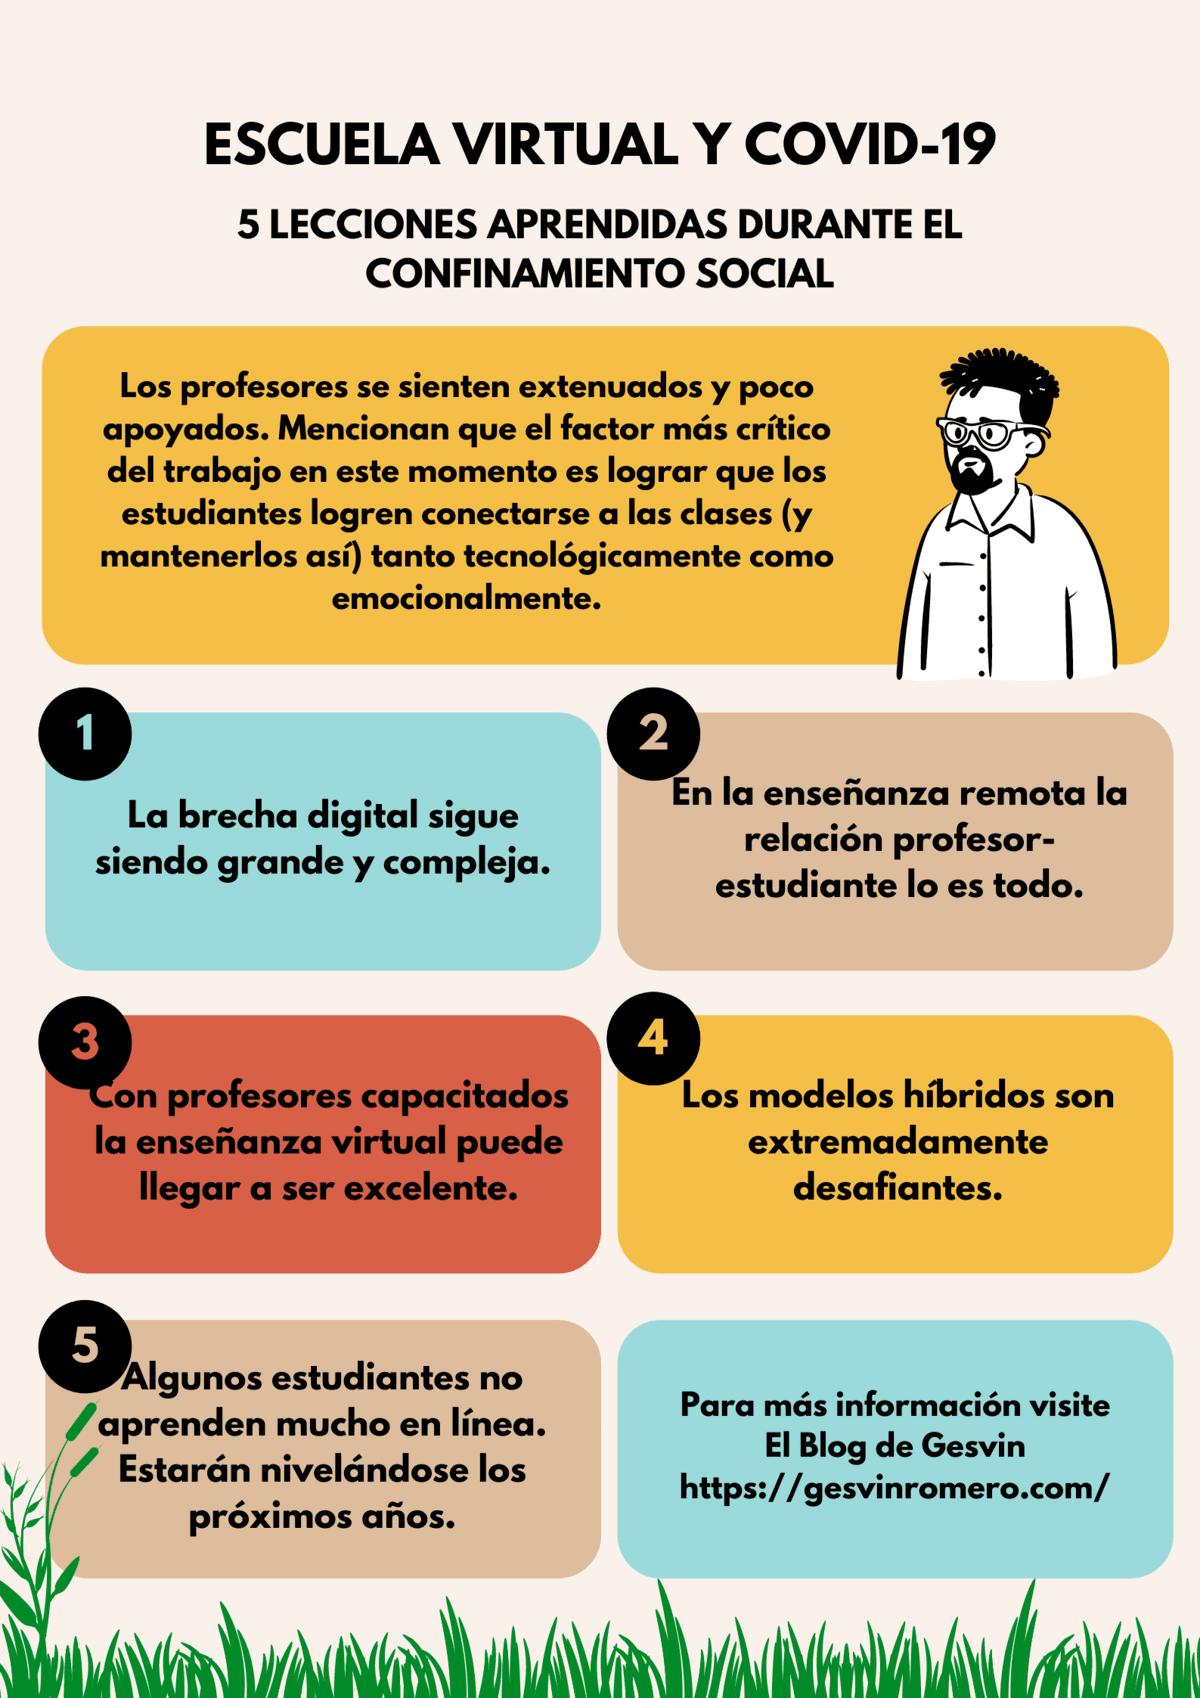 Escuela Virtual y COVID-19 - 5 Lecciones Aprendidas Durante el Confinamiento Social.